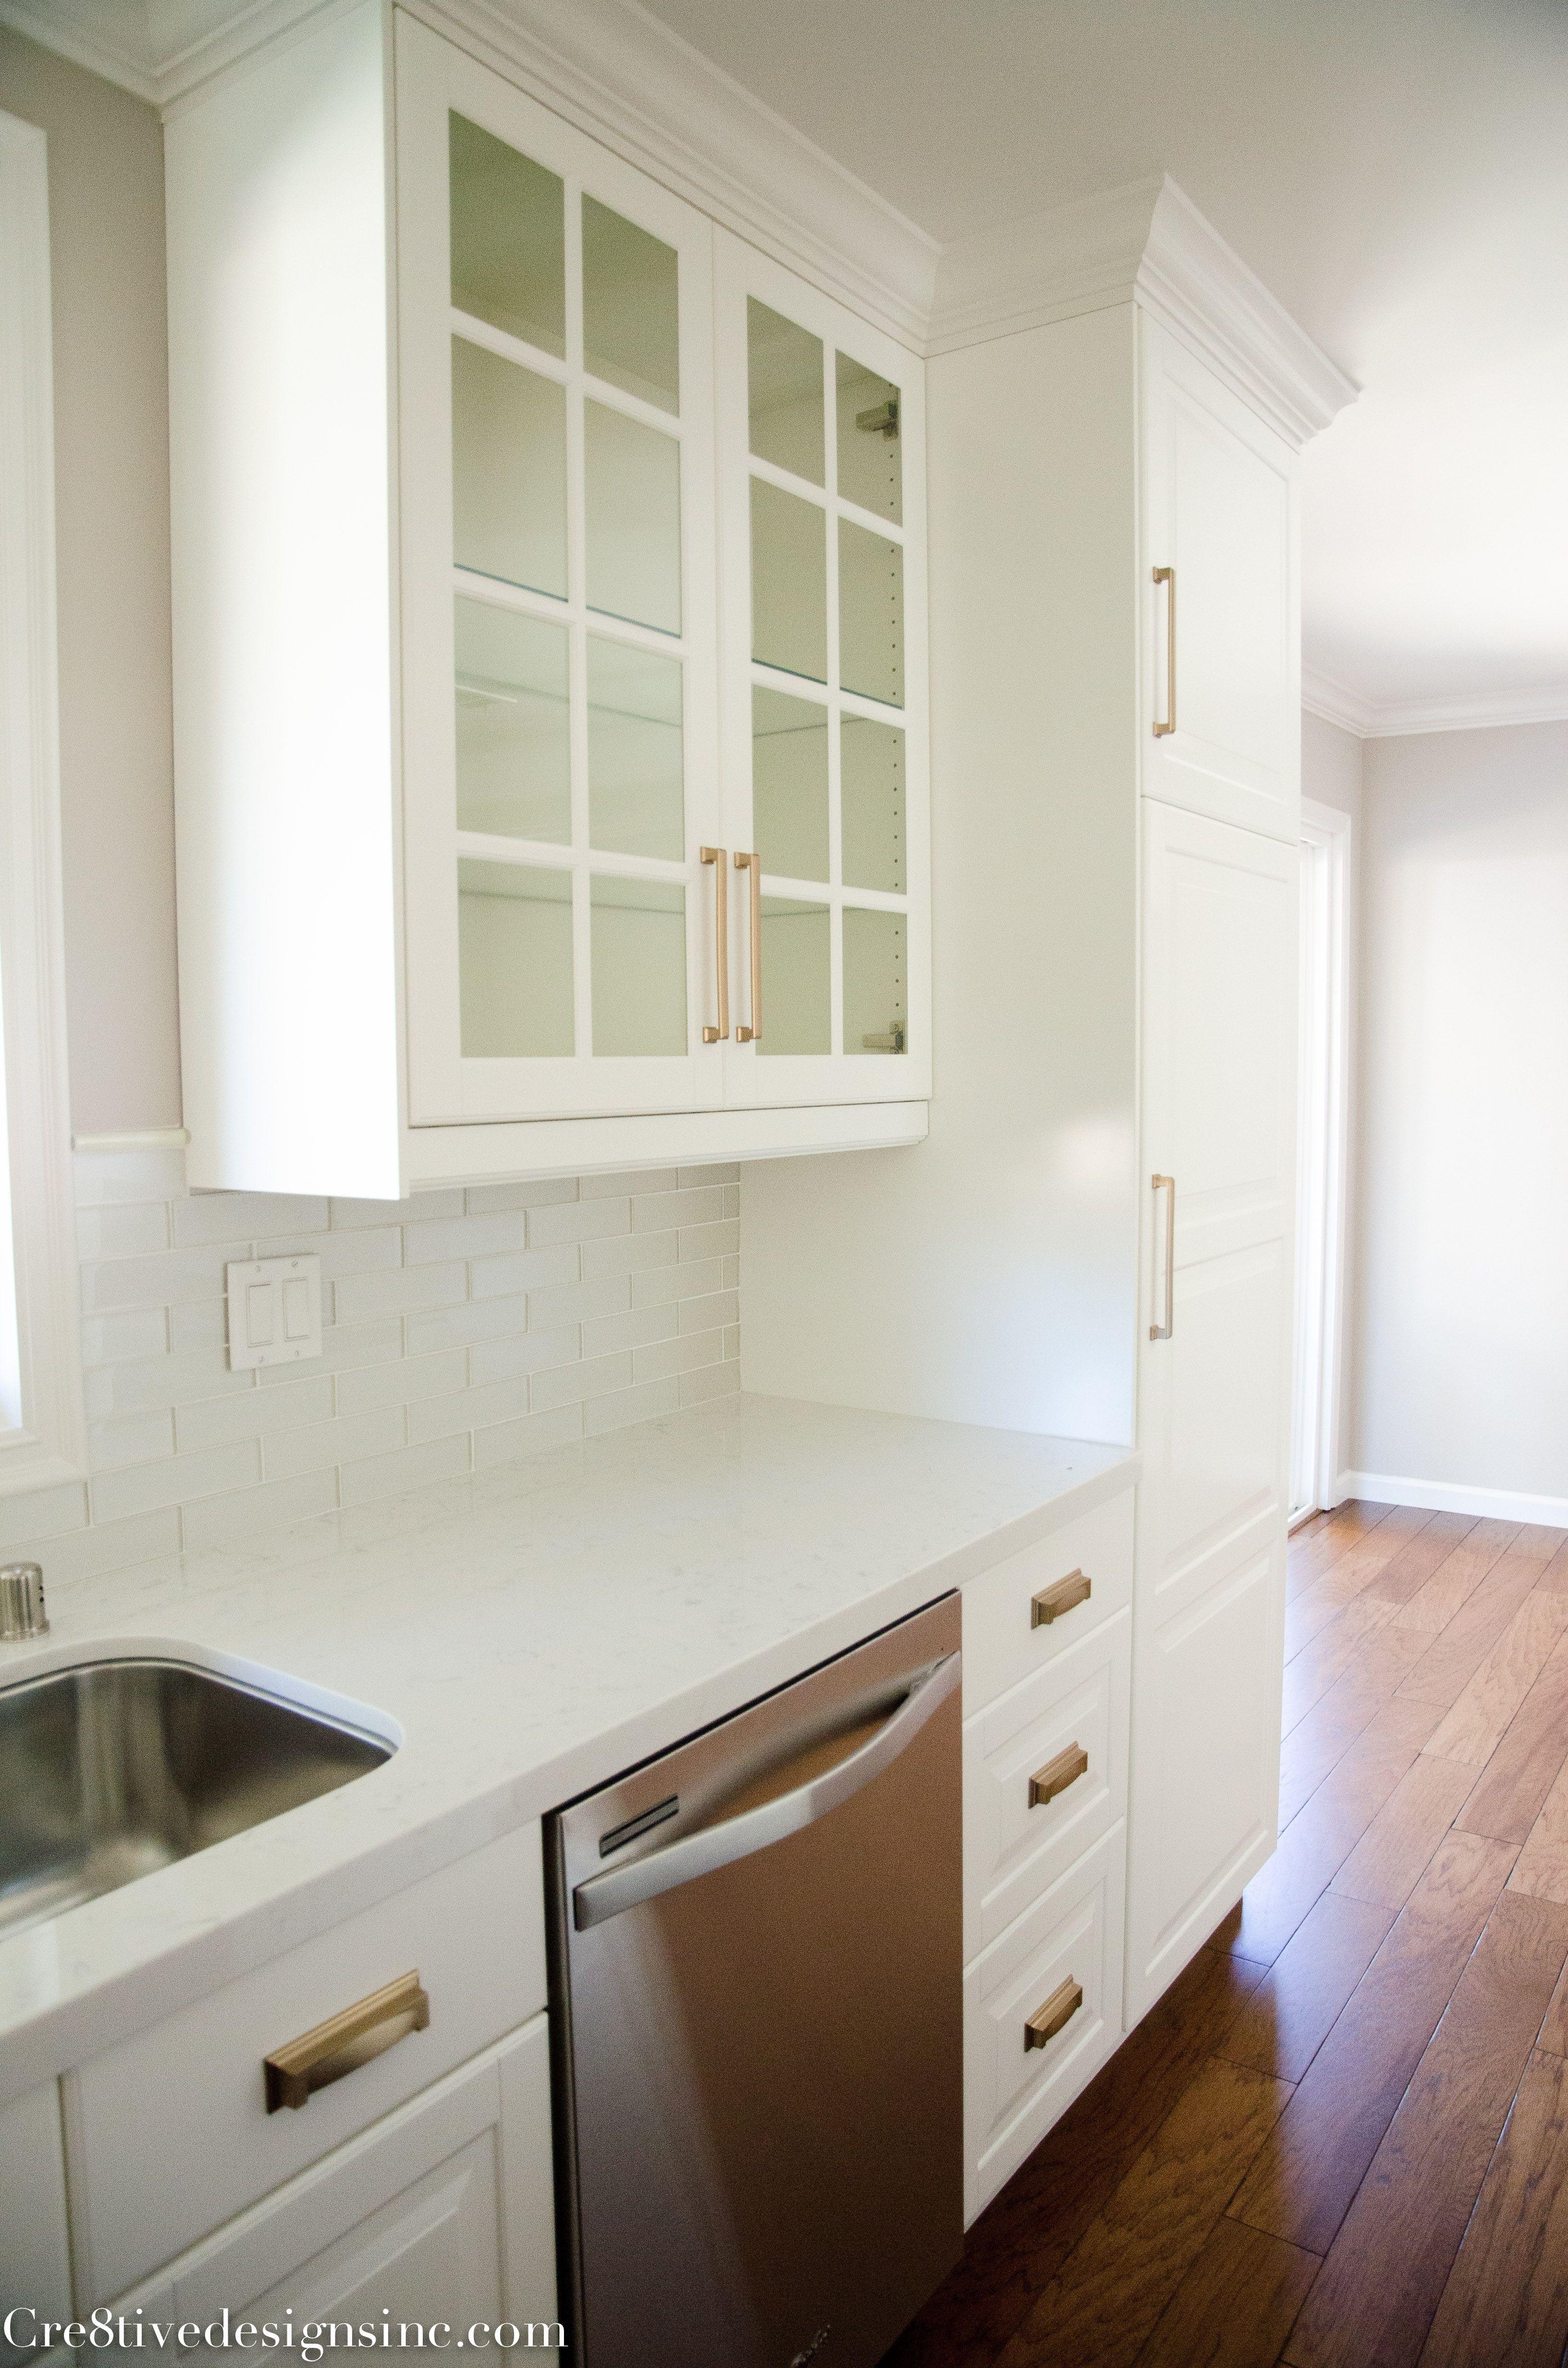 Classyunique Kitchen Cabinet Molding And Trim Ideas Kitchencabinetbotanicgarden Kitchencab